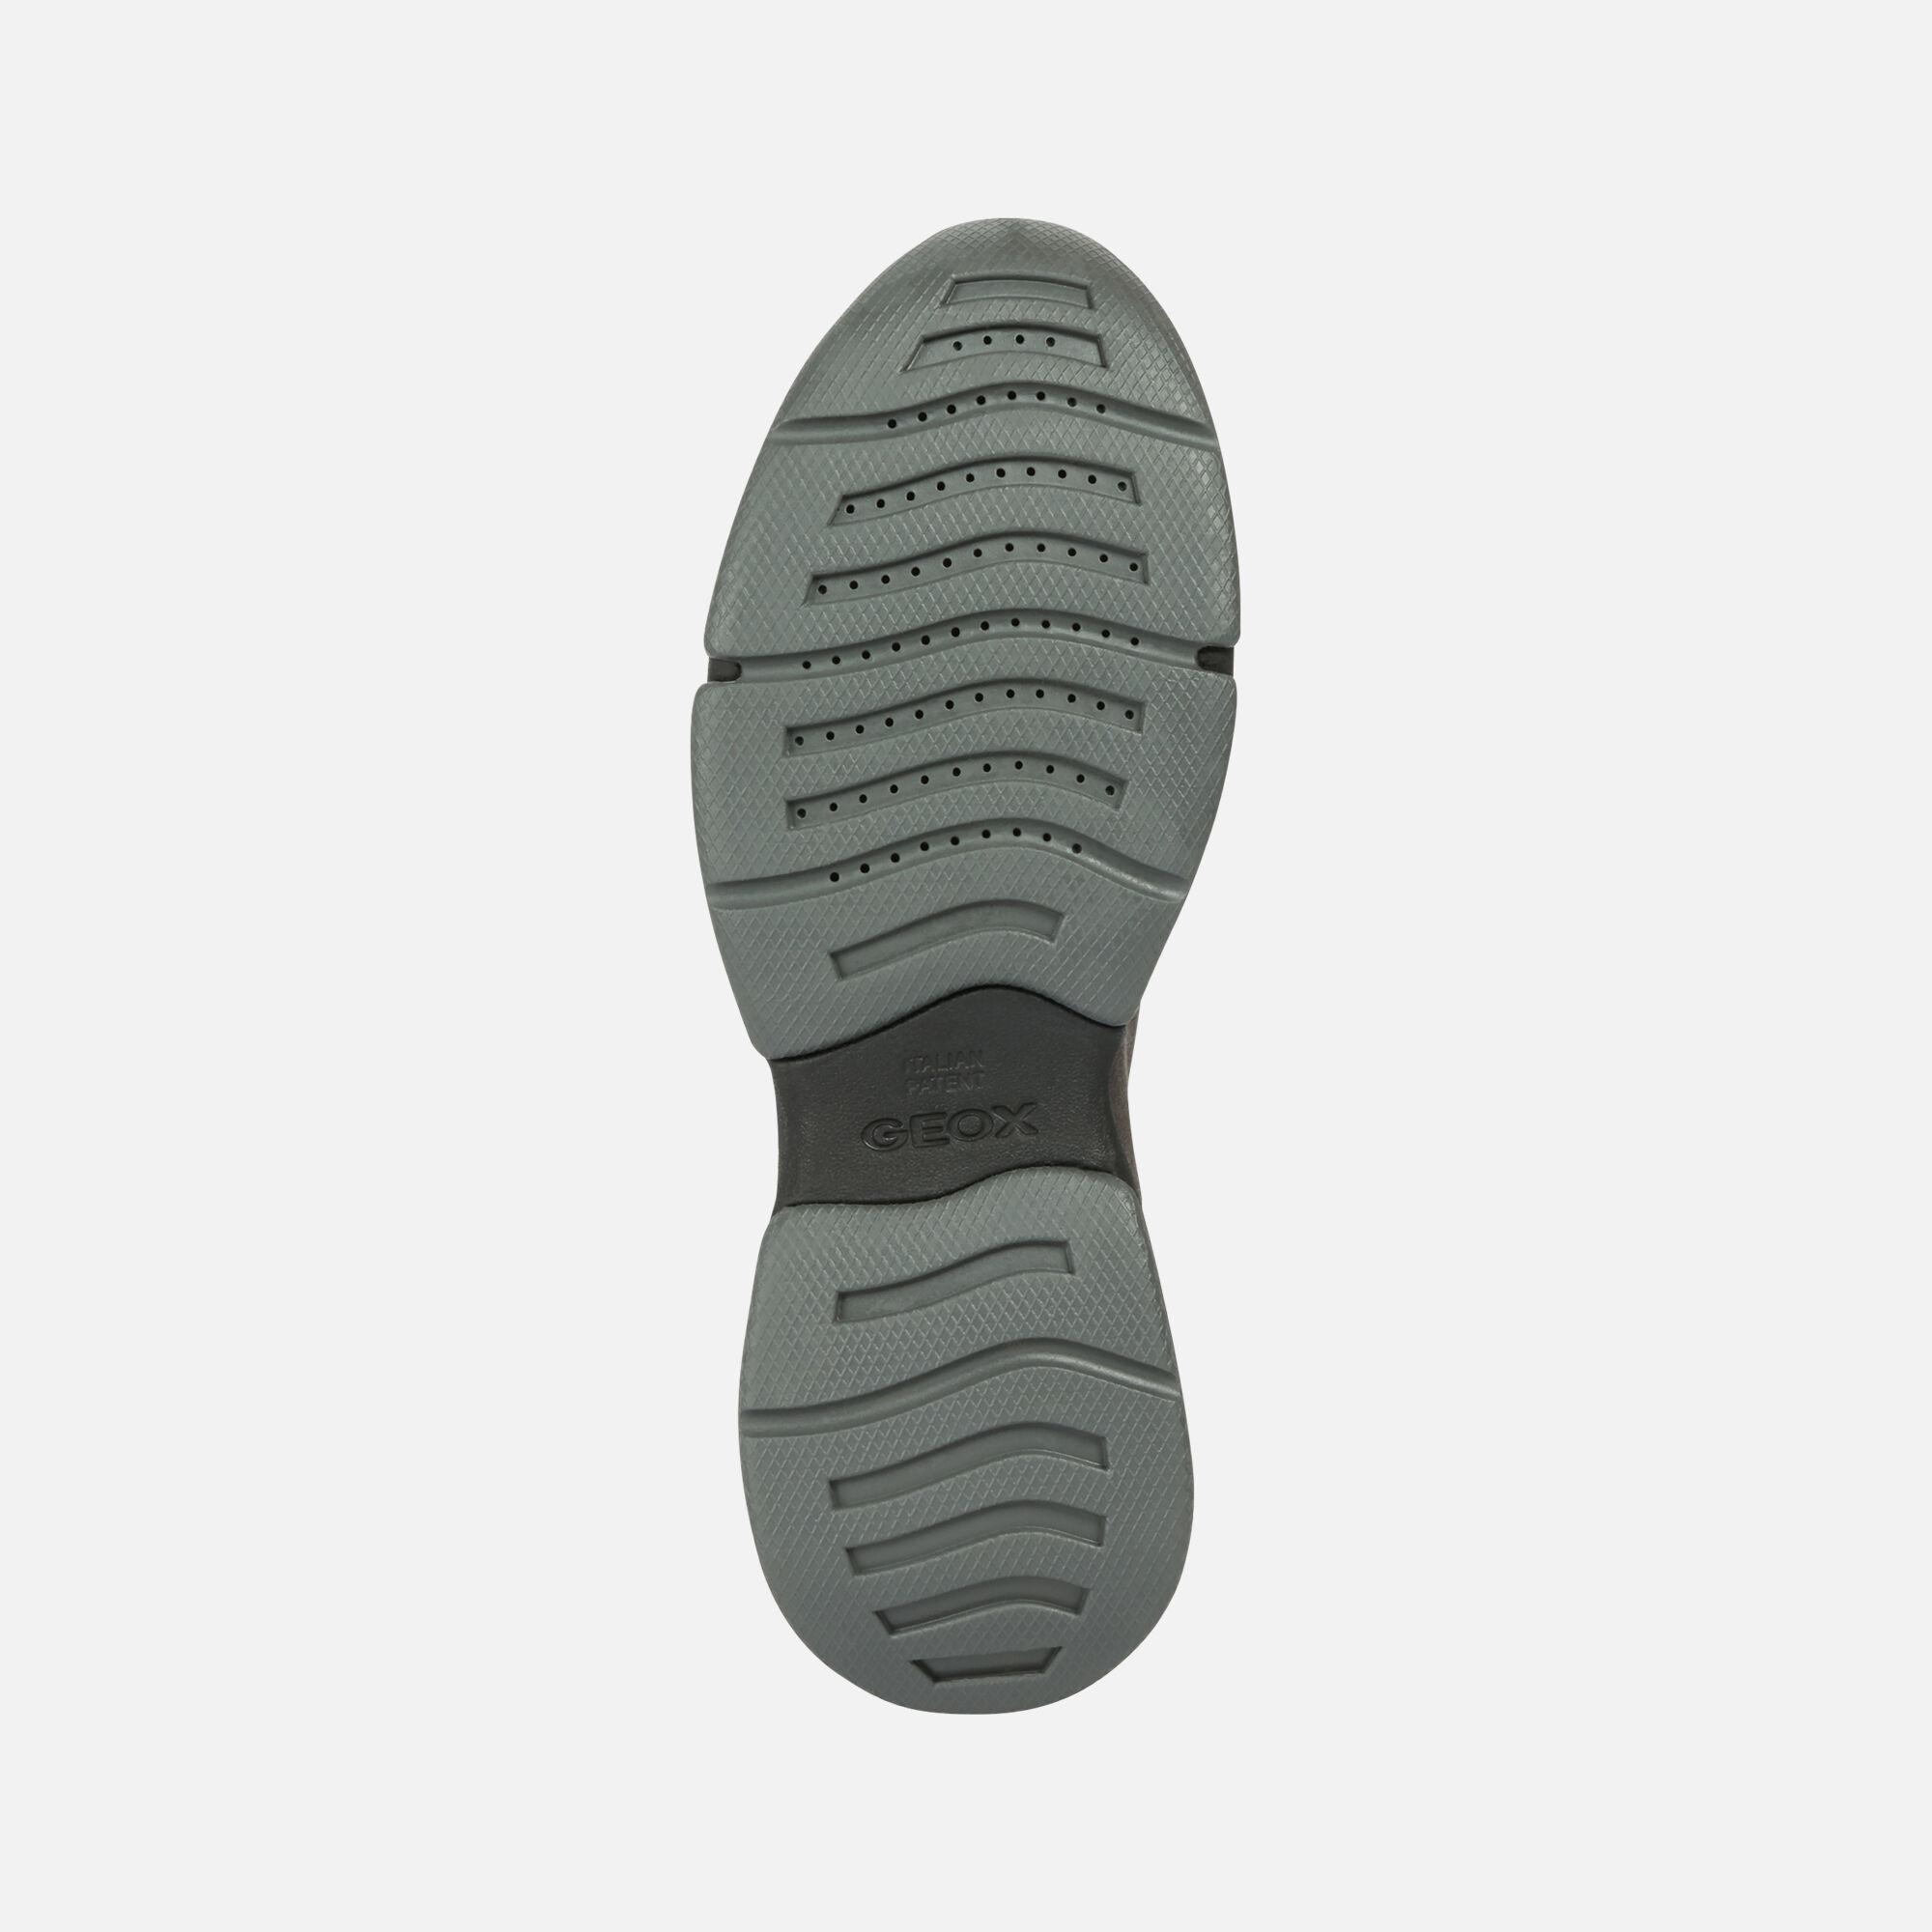 Geox Slip on Chaussures Garçon Gris Achat Vente slip on